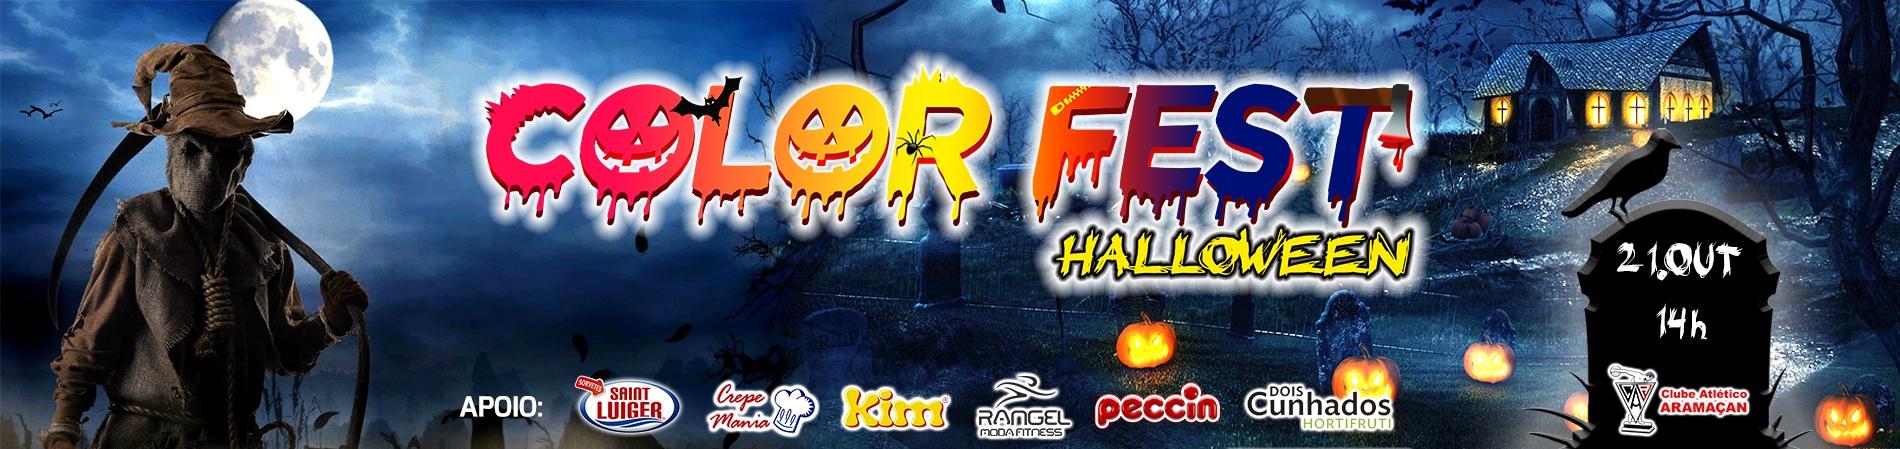 COLOR FEST® - HALLOWEEN - Imagem de topo